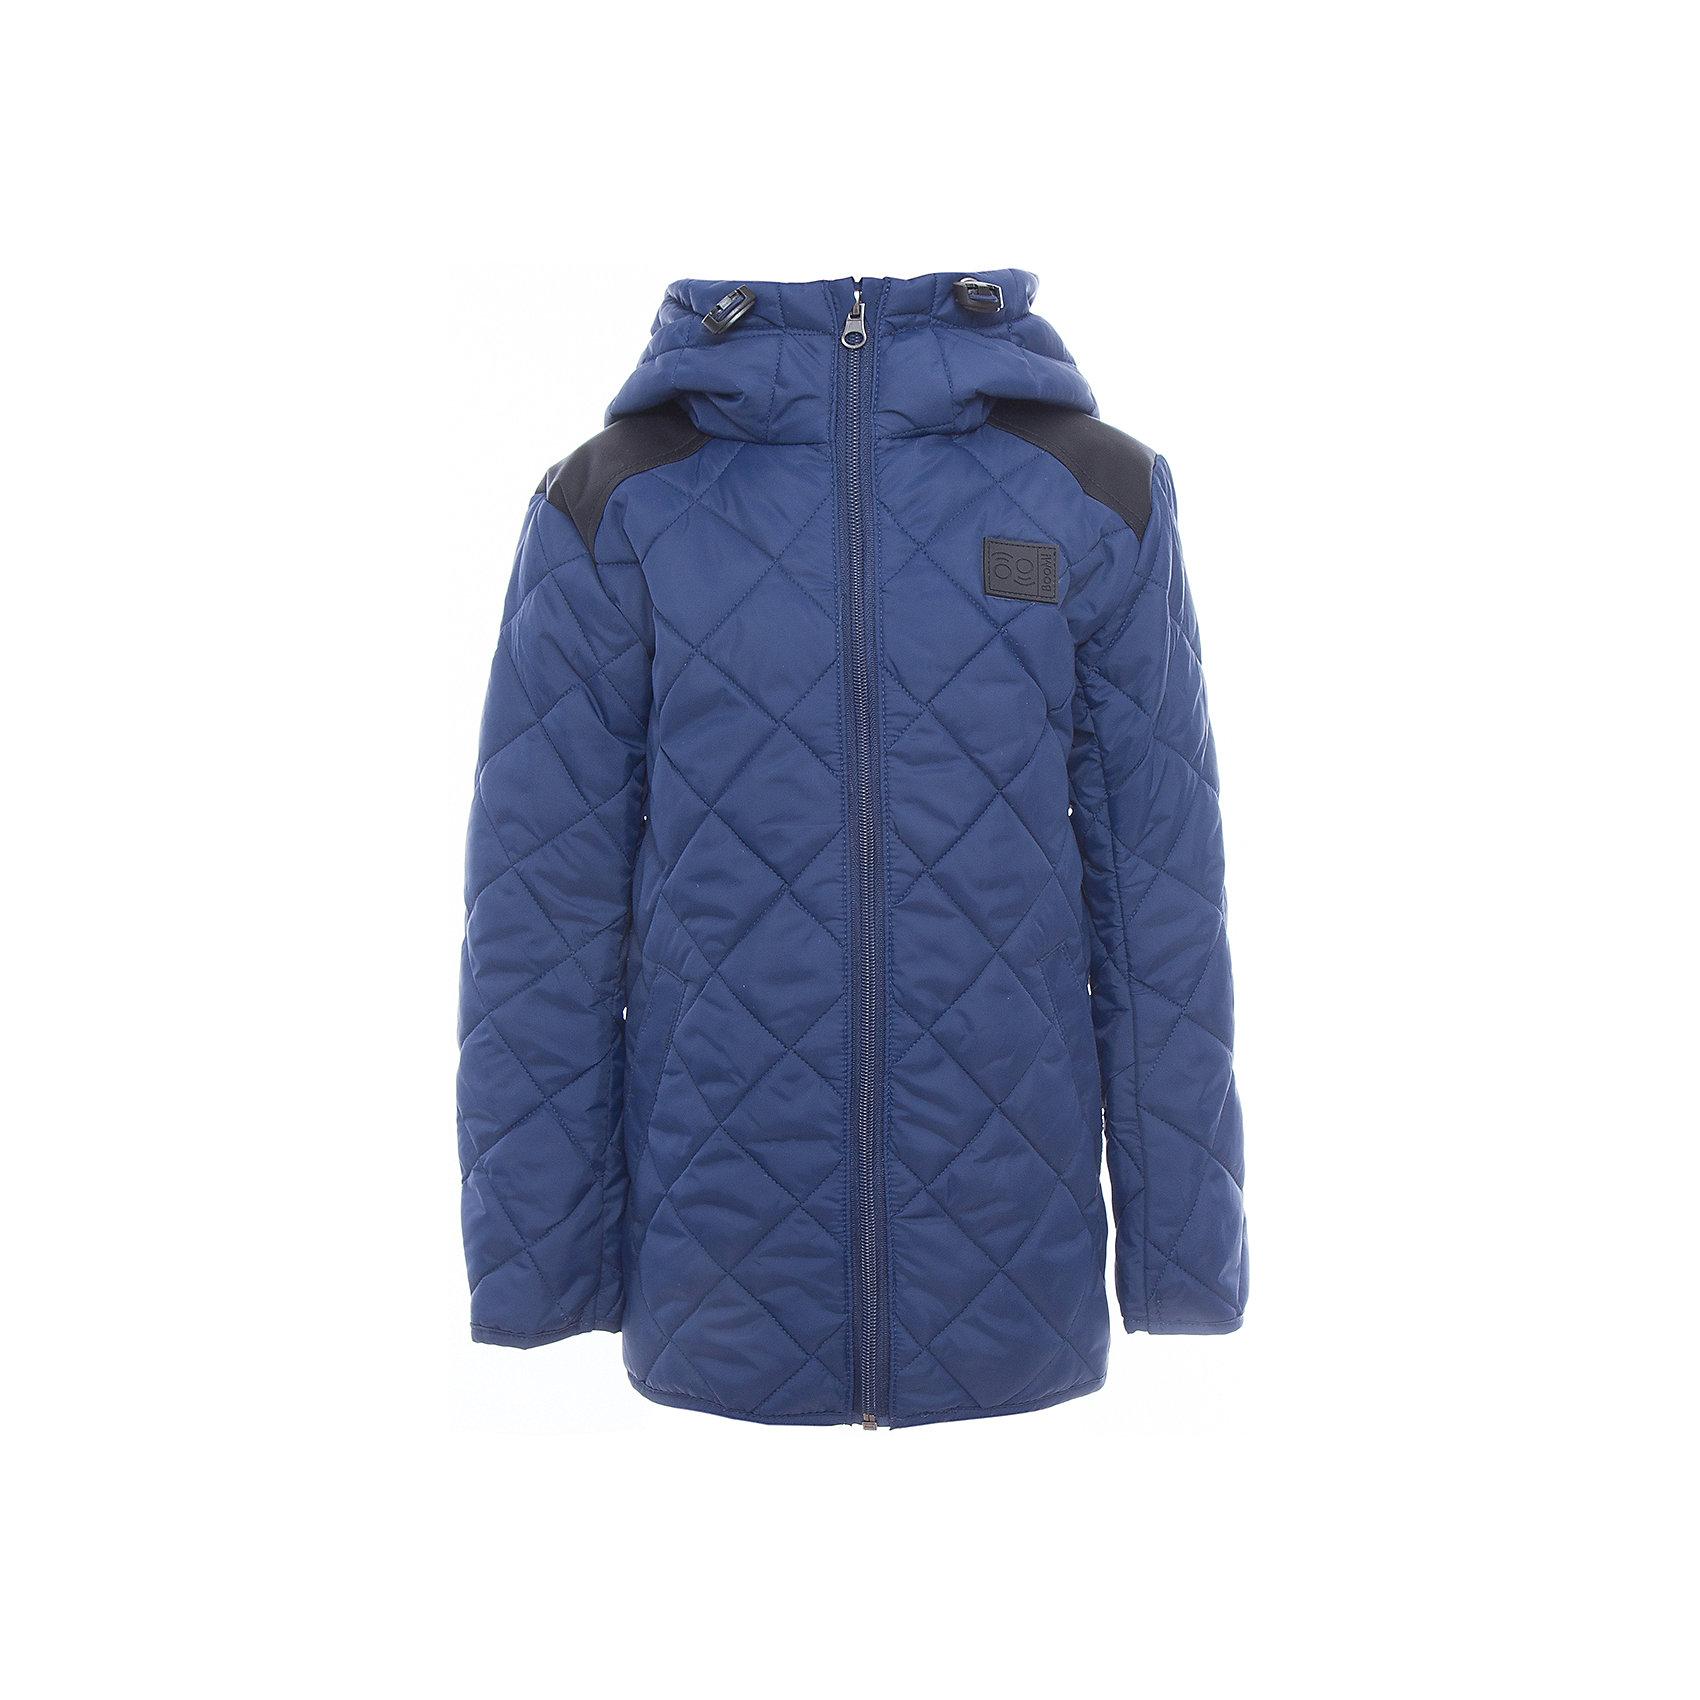 Куртка для мальчика BOOM by OrbyВерхняя одежда<br>Характеристики товара:<br><br>• цвет: синий<br>• состав: верх - таффета, таслан, подкладка - полиэстер, утеплитель: эко-синтепон 150 г/м2<br>• карманы<br>• температурный режим: от -5 С° до +10 С° <br>• капюшон<br>• застежка - молния<br>• стеганая<br>• декорирована логотипом<br>• комфортная посадка<br>• страна производства: Российская Федерация<br>• страна бренда: Российская Федерация<br>• коллекция: весна-лето 2017<br><br>Такая куртка - отличный вариант для походов в школу в межсезонье с его постоянно меняющейся погодой. Эта модель - модная и удобная одновременно! Изделие отличается стильным элегантным дизайном. Куртка хорошо сидит по фигуре, отлично сочетается с различным низом. Вещь была разработана специально для детей.<br><br>Куртку для мальчика от бренда BOOM by Orby можно купить в нашем интернет-магазине.<br><br>Ширина мм: 356<br>Глубина мм: 10<br>Высота мм: 245<br>Вес г: 519<br>Цвет: синий<br>Возраст от месяцев: 108<br>Возраст до месяцев: 120<br>Пол: Мужской<br>Возраст: Детский<br>Размер: 140,128,134,146,152,158,116,122<br>SKU: 5342721